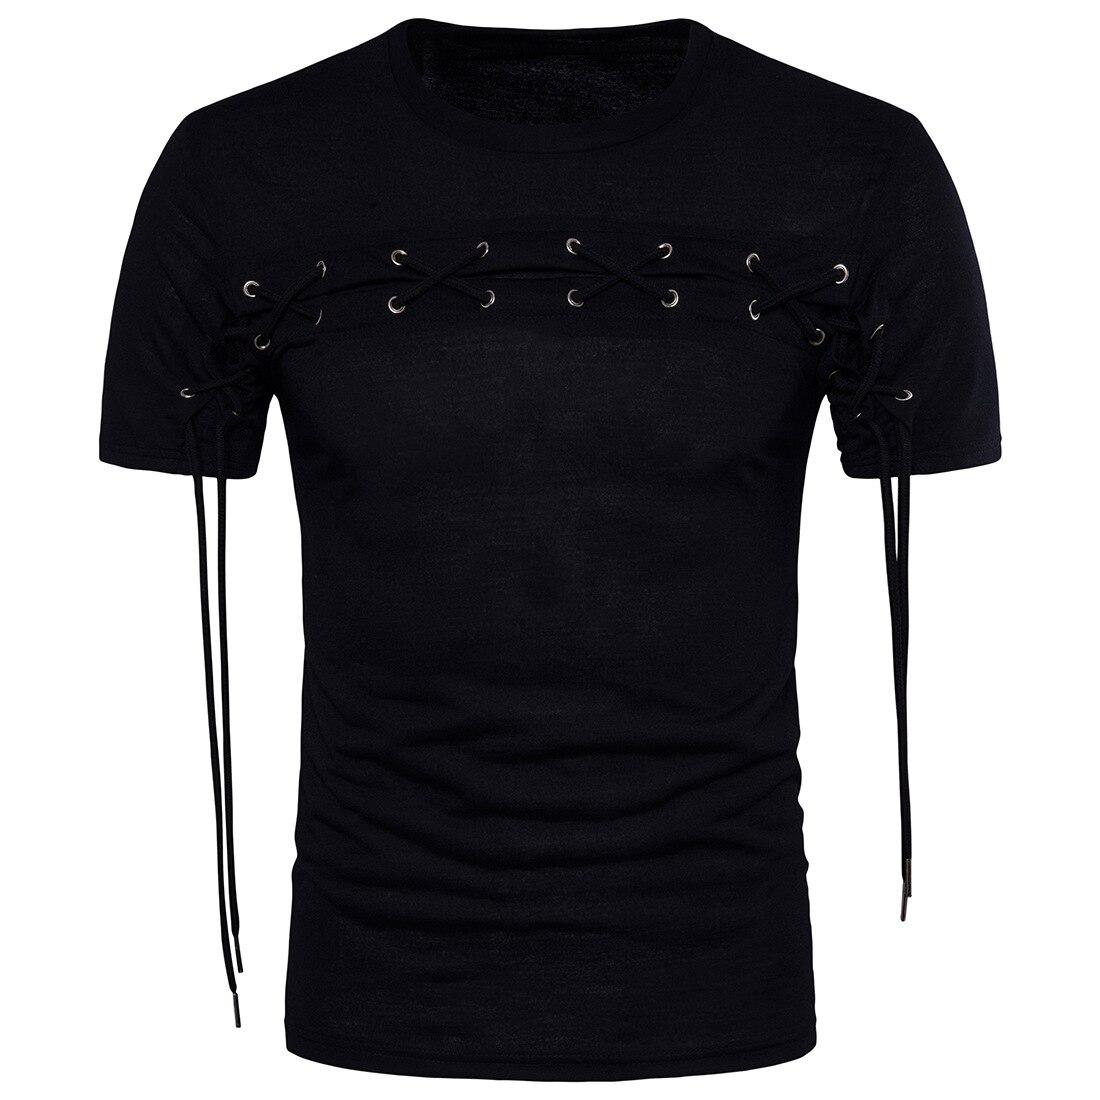 2019 camiseta para hombre cuello redondo y manga corta vestido de verano Color collision tether empalme negro nuevo Euro código masculino camiseta